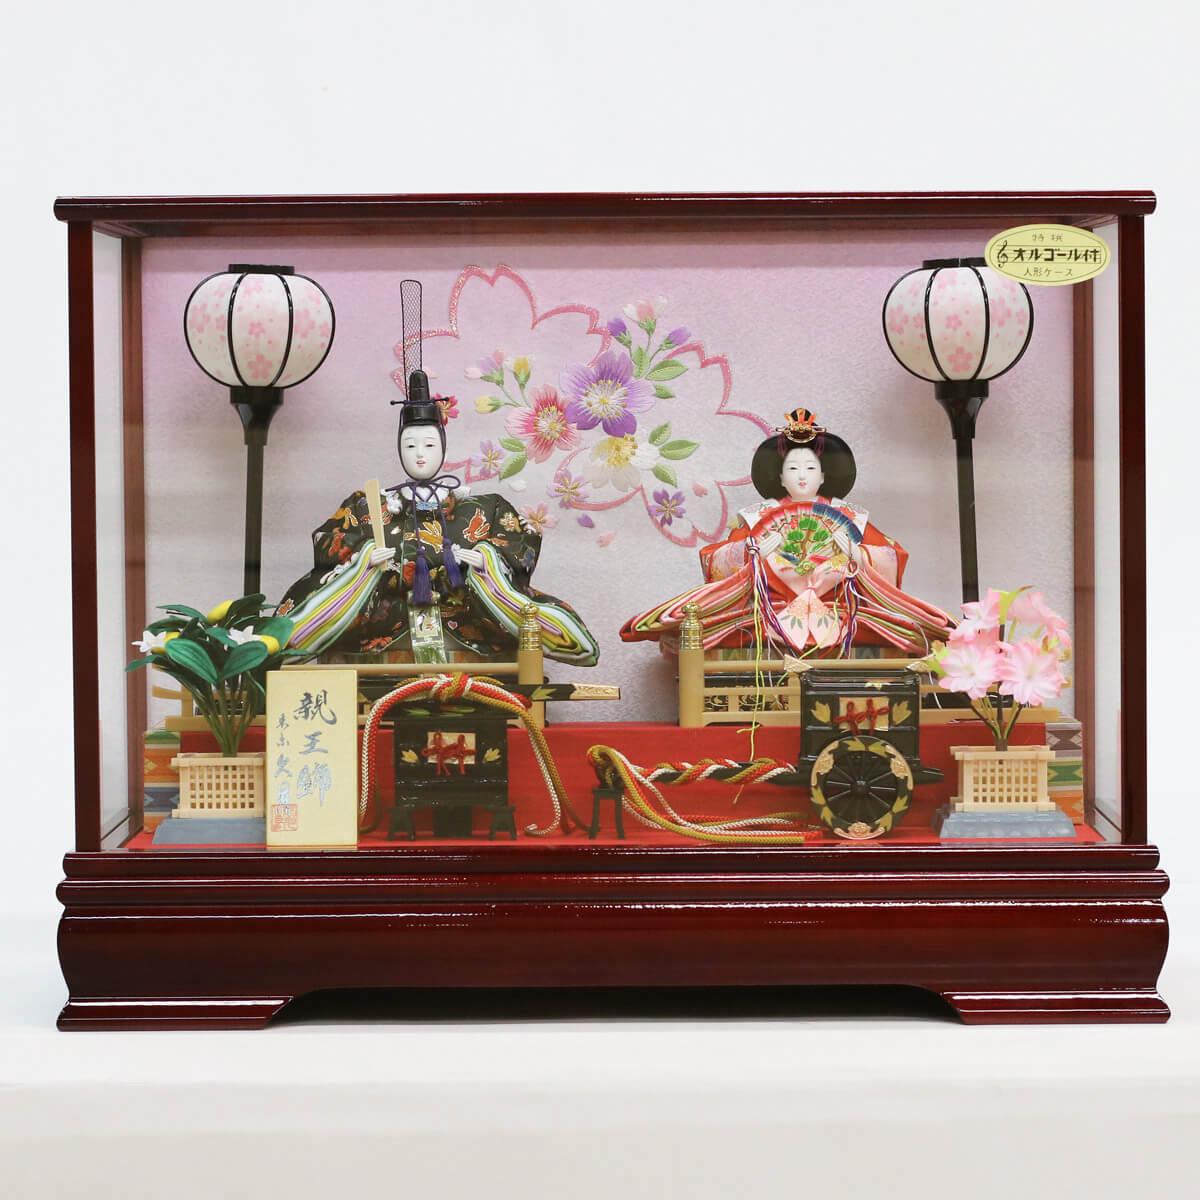 雛人形 久月 コンパクト ケース飾り 久月 ケース飾り 親王飾り 芥子親王 ガラスケース 雛人形 HNQ-65972ひな人形 かわいい おしゃれ インテリア 雛 ケース飾り ケース [P10]